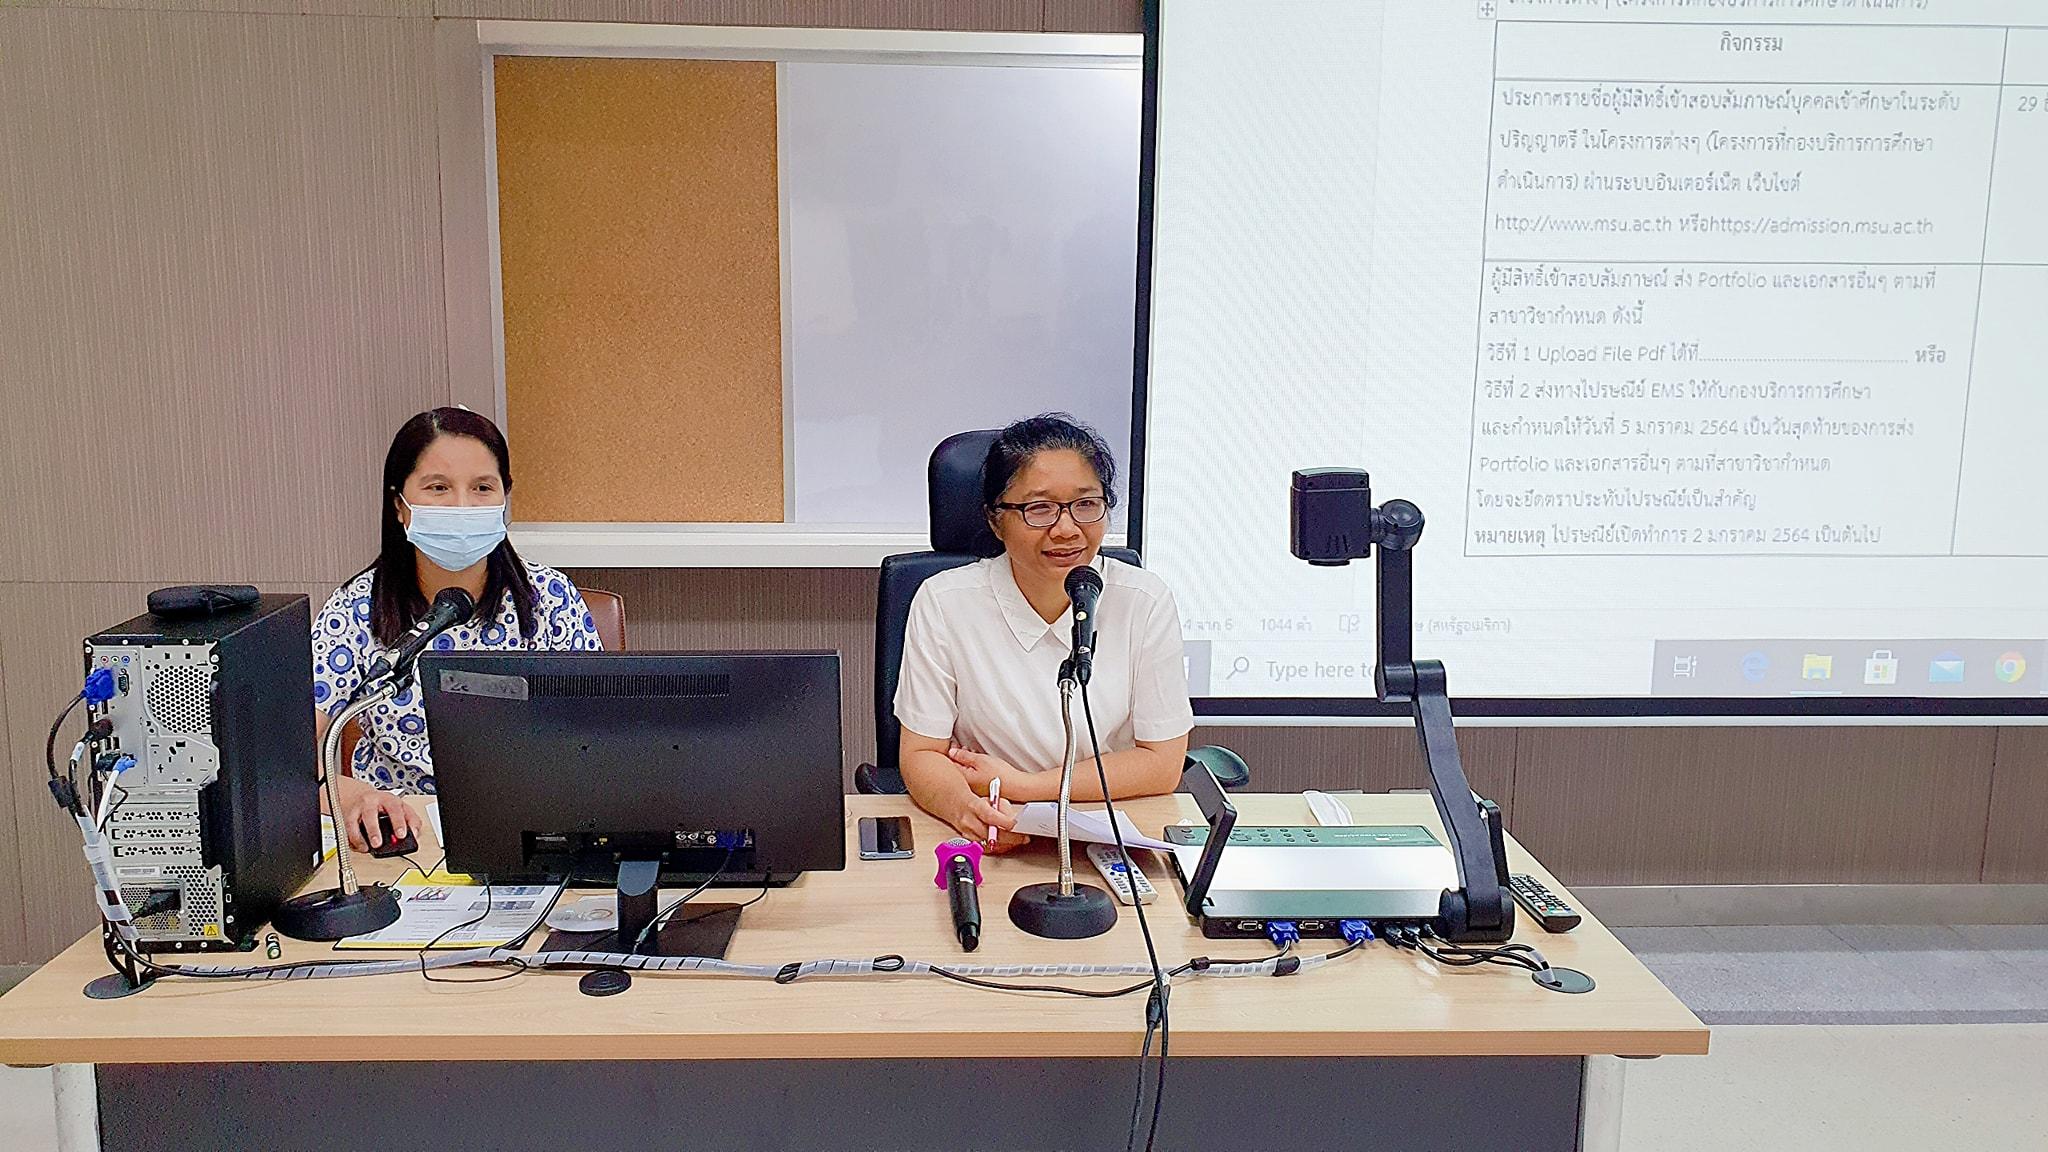 ประชุม สอบสัมภาษณ์ TCAS รอบ 1 Portfolio ในรูปแบบ Online